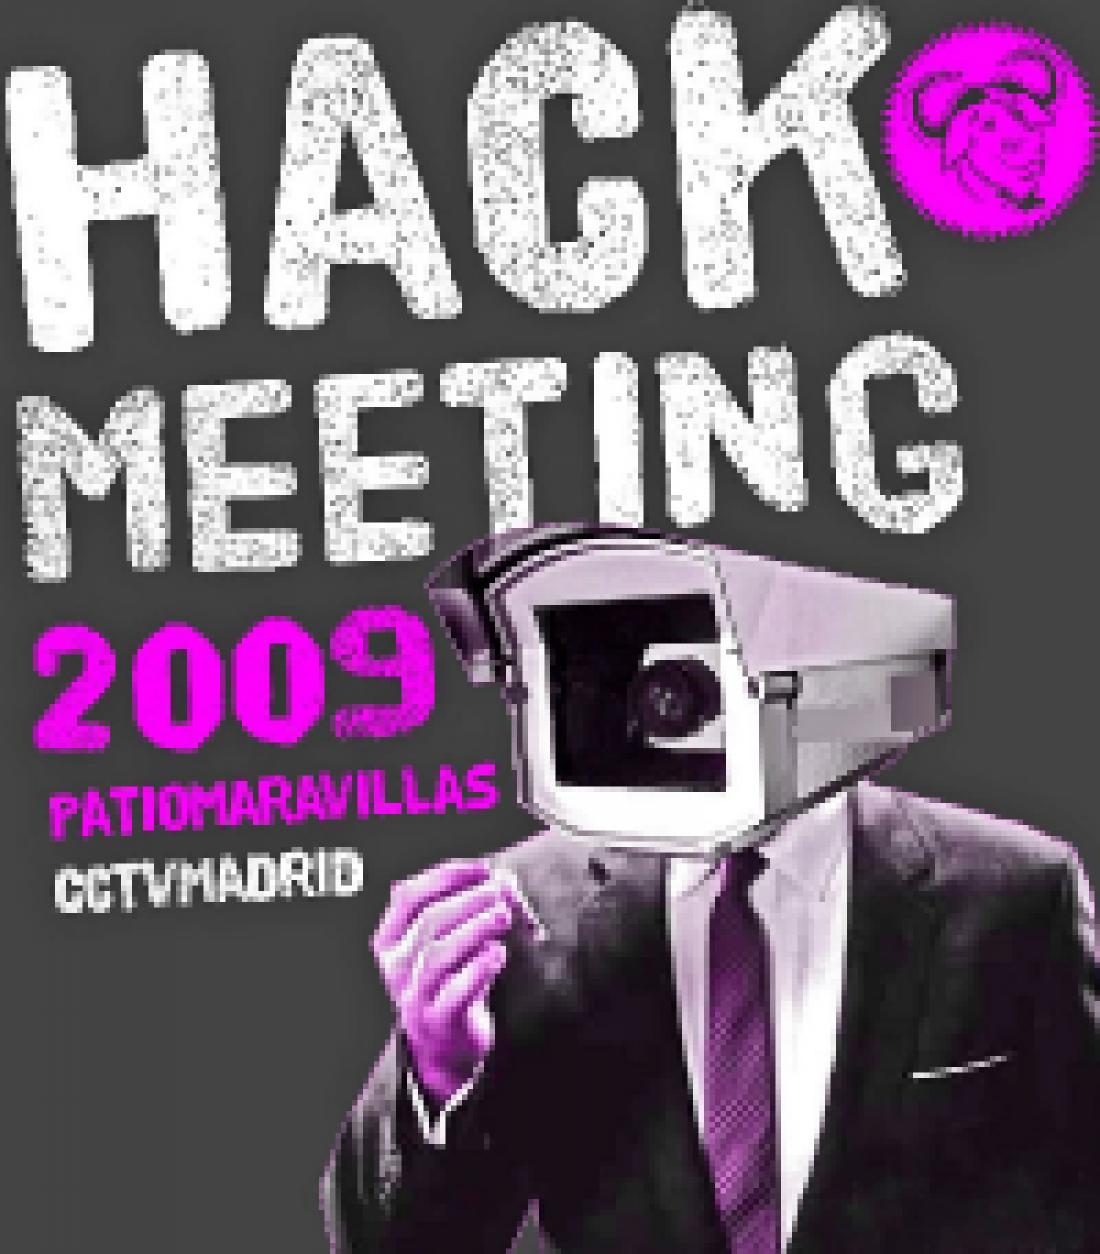 Del 9 al 12 de octubre, en el Patio Maravillas (Madrid), HACKMEETING'09.